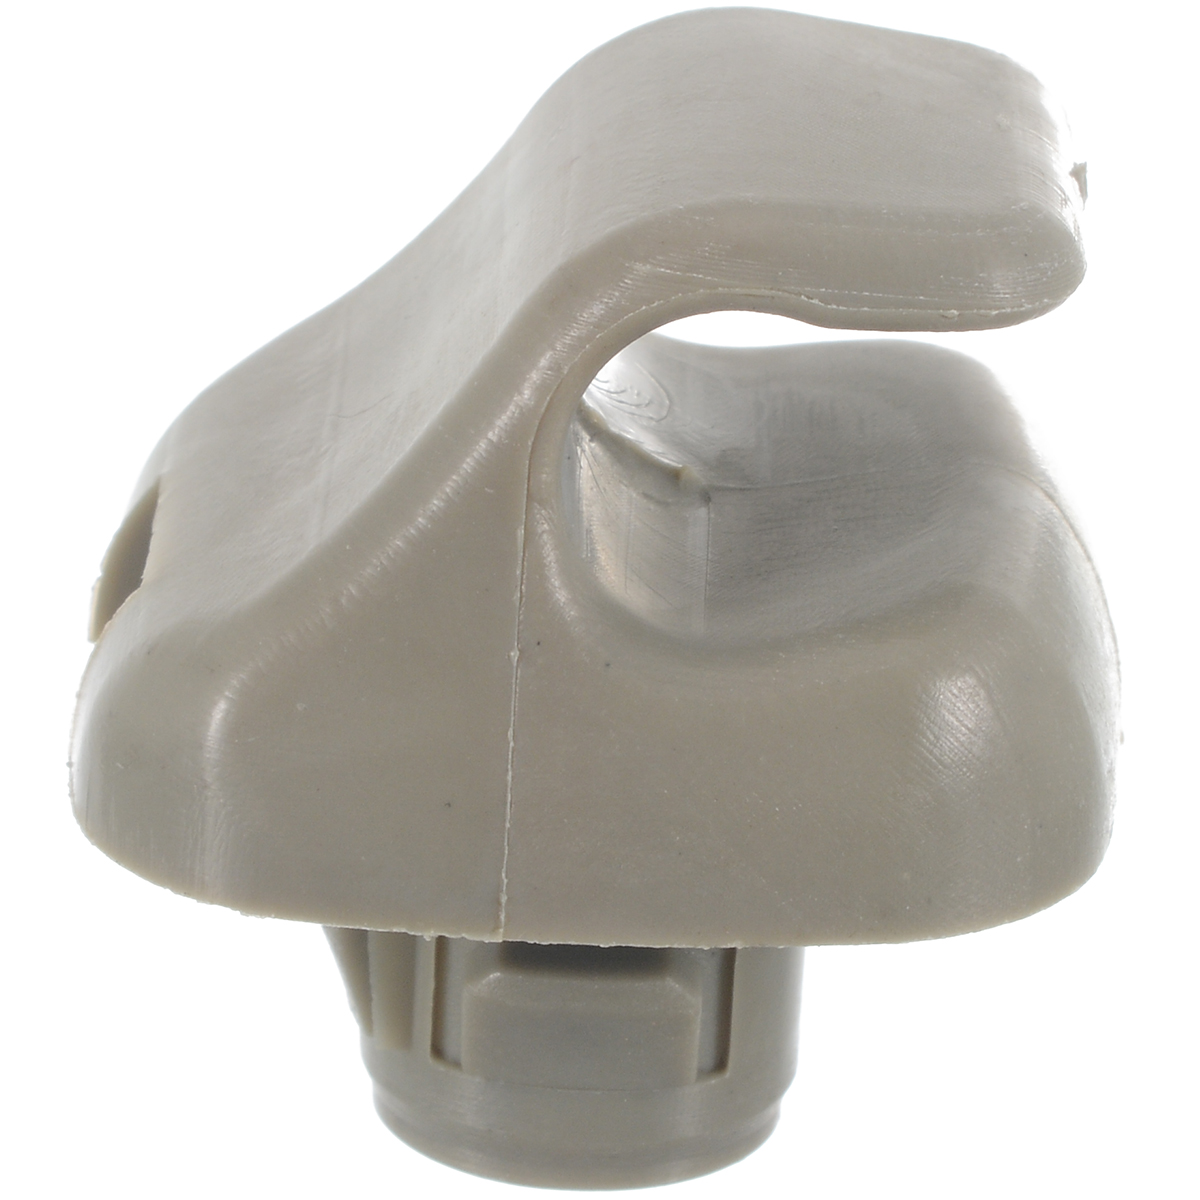 ESden compatibile con Honda Accord Civic CRV colore: Grigio Supporto per aletta parasole con clip